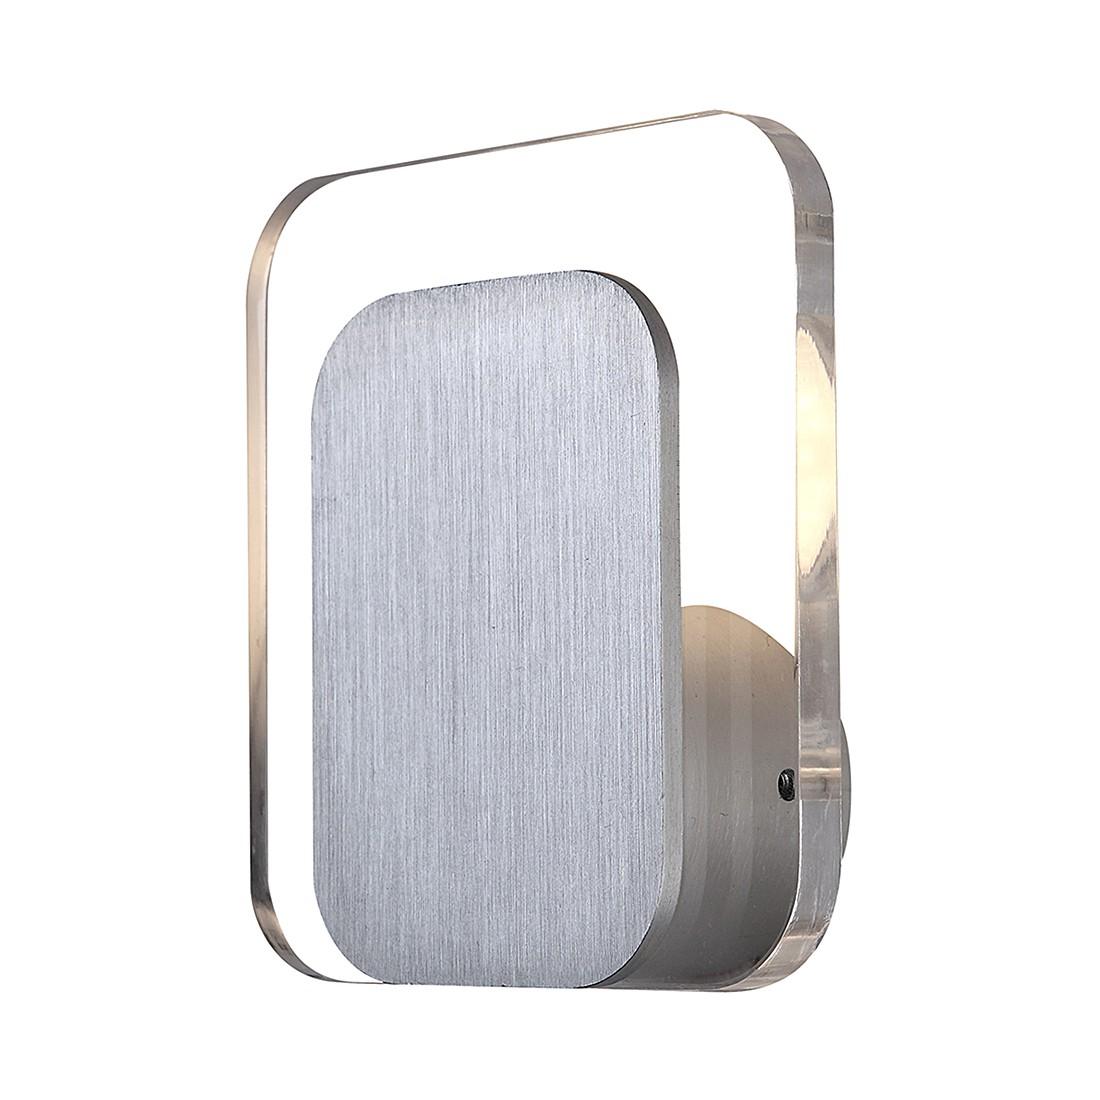 Wandleuchte ISAAC – Aluminium – Silber – 1-flammig, Globo Lighting online bestellen